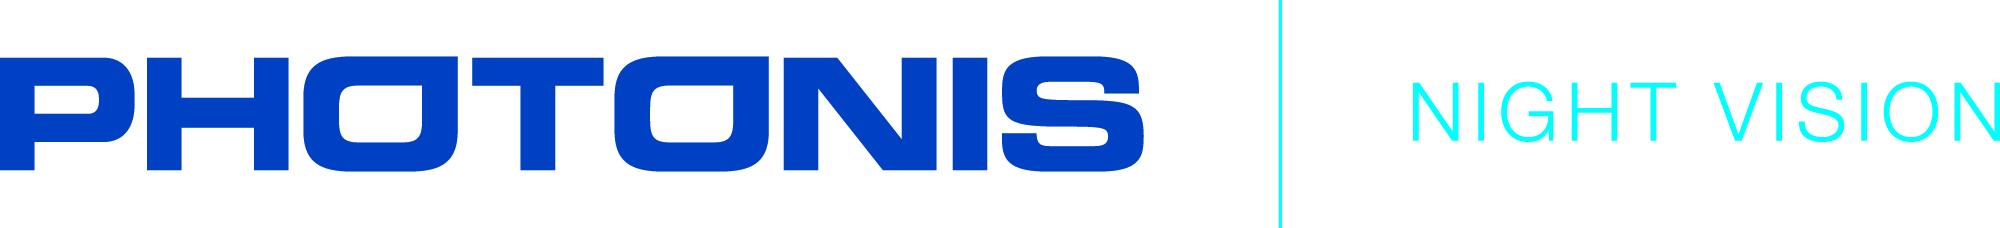 Afbeeldingsresultaat voor photonis logo